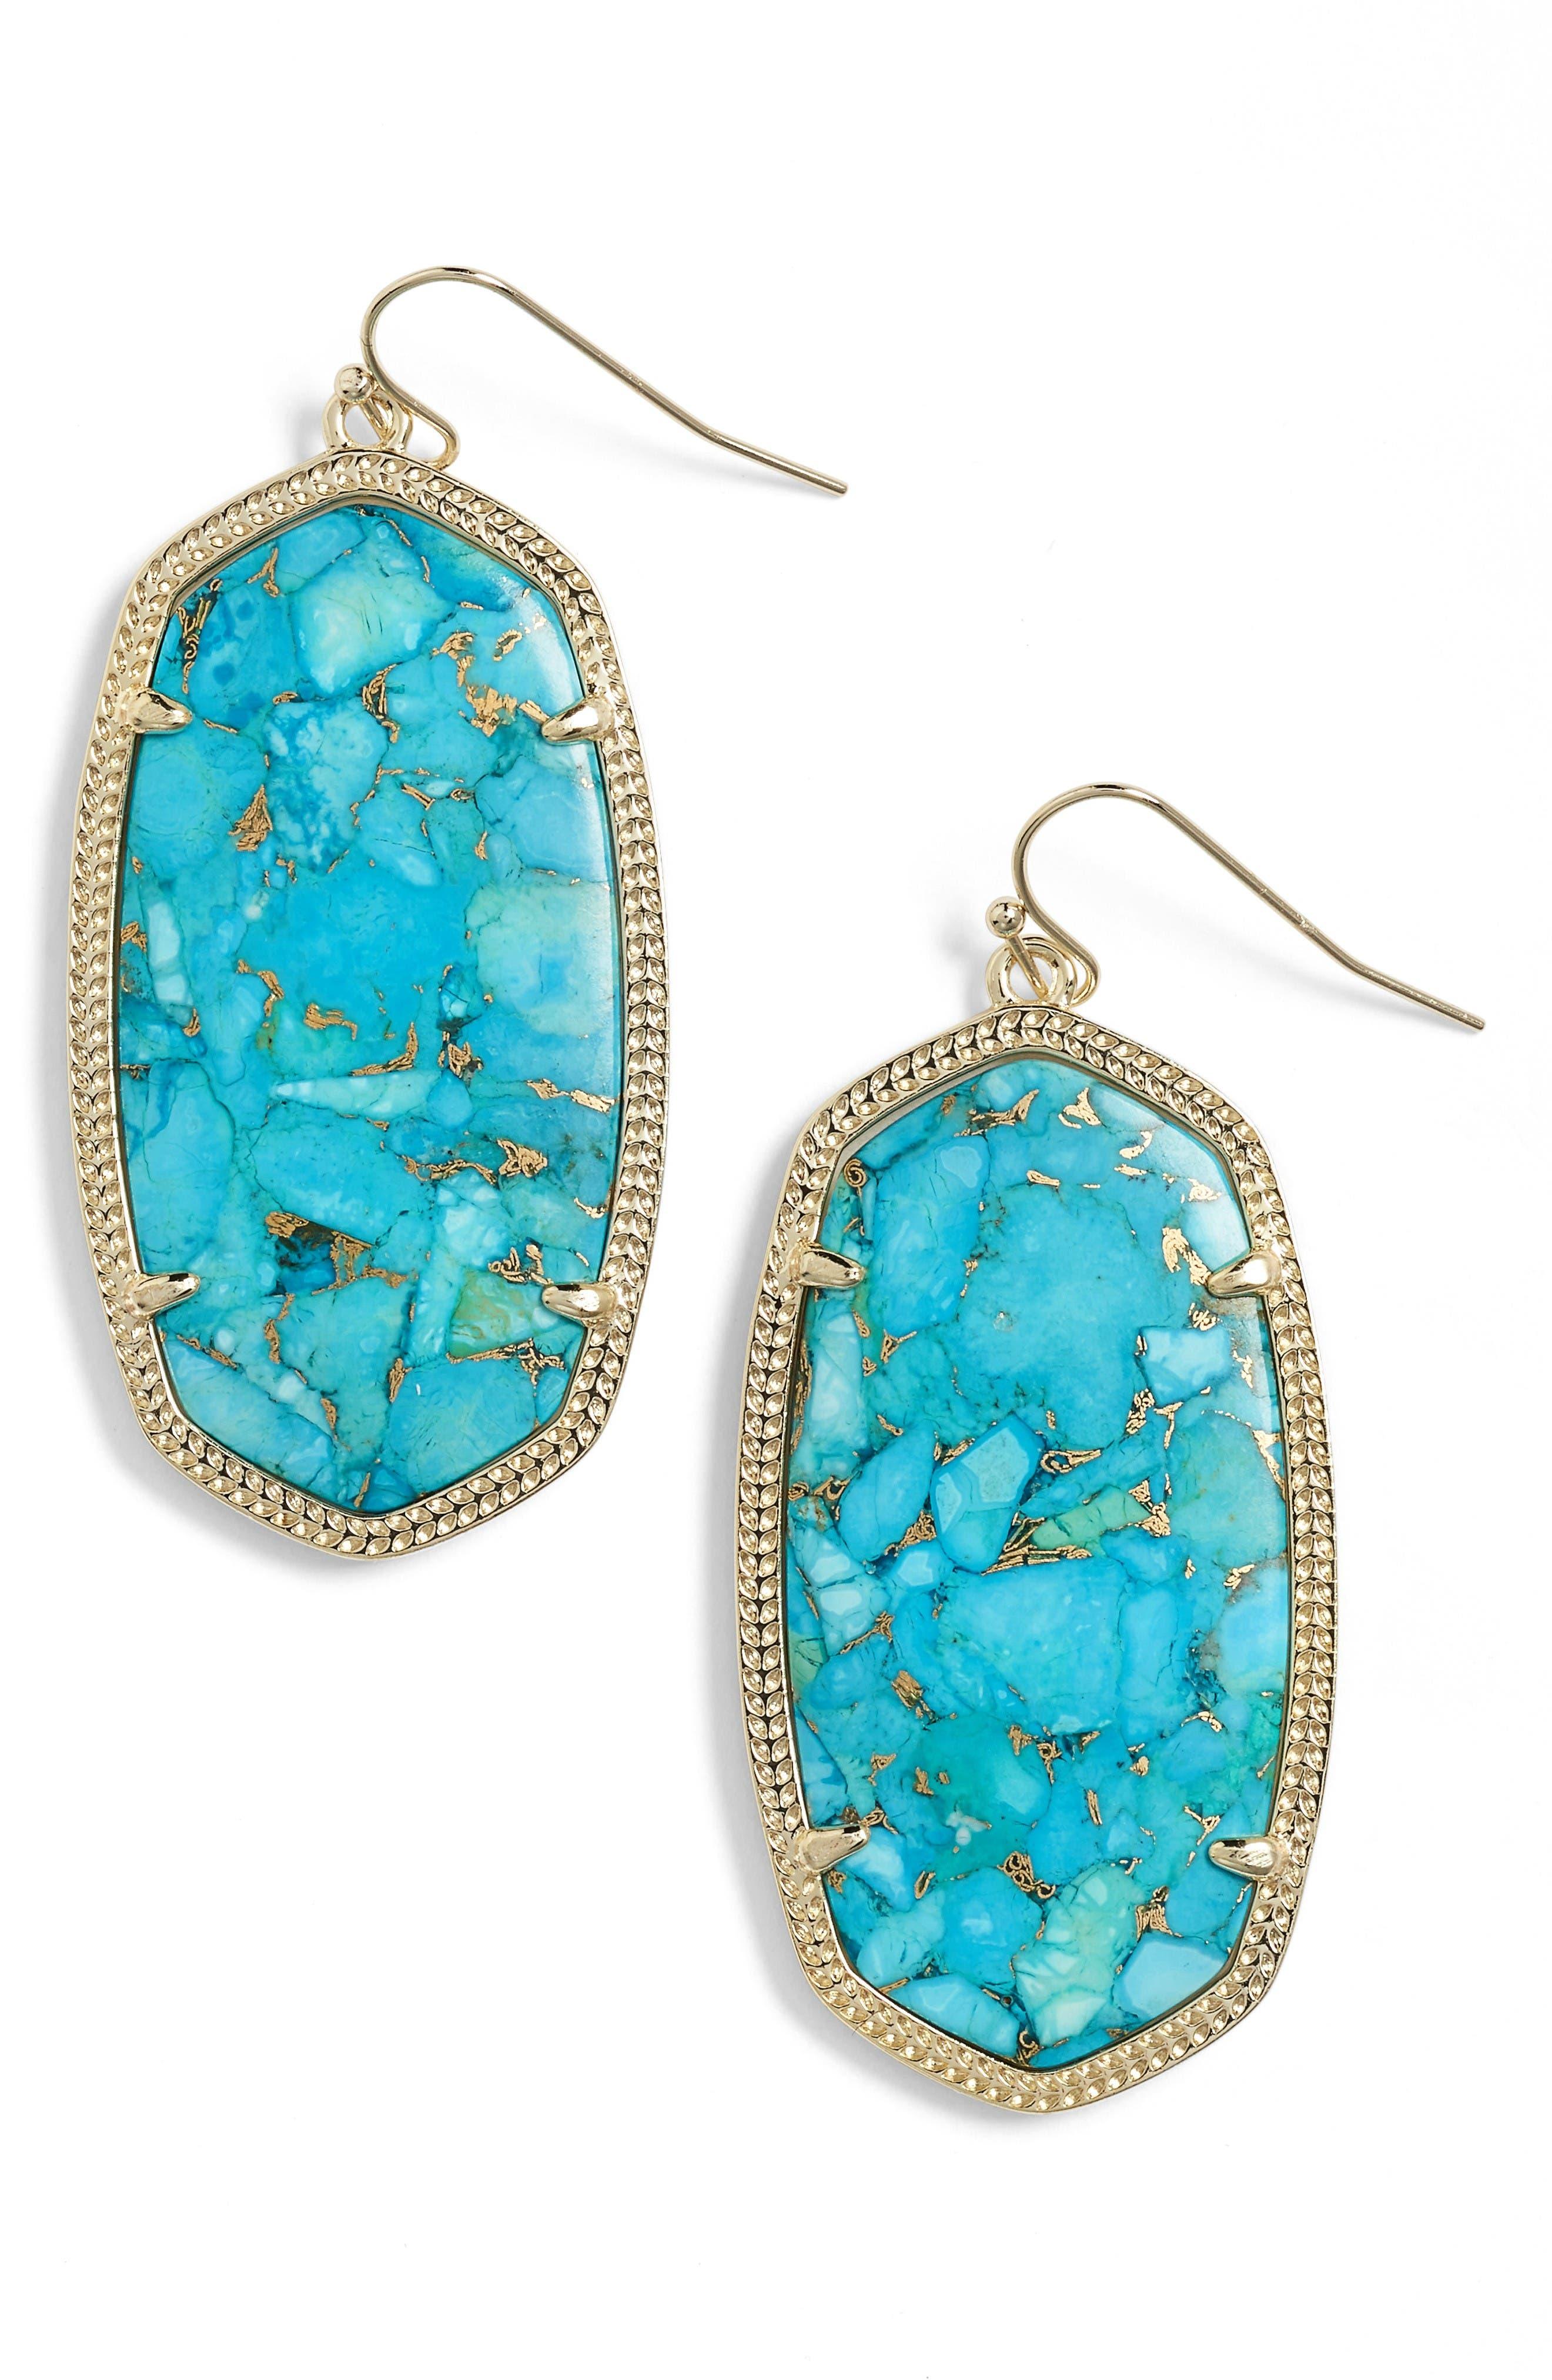 Main Image - Kendra Scott Danielle - Large Oval Statement Earrings